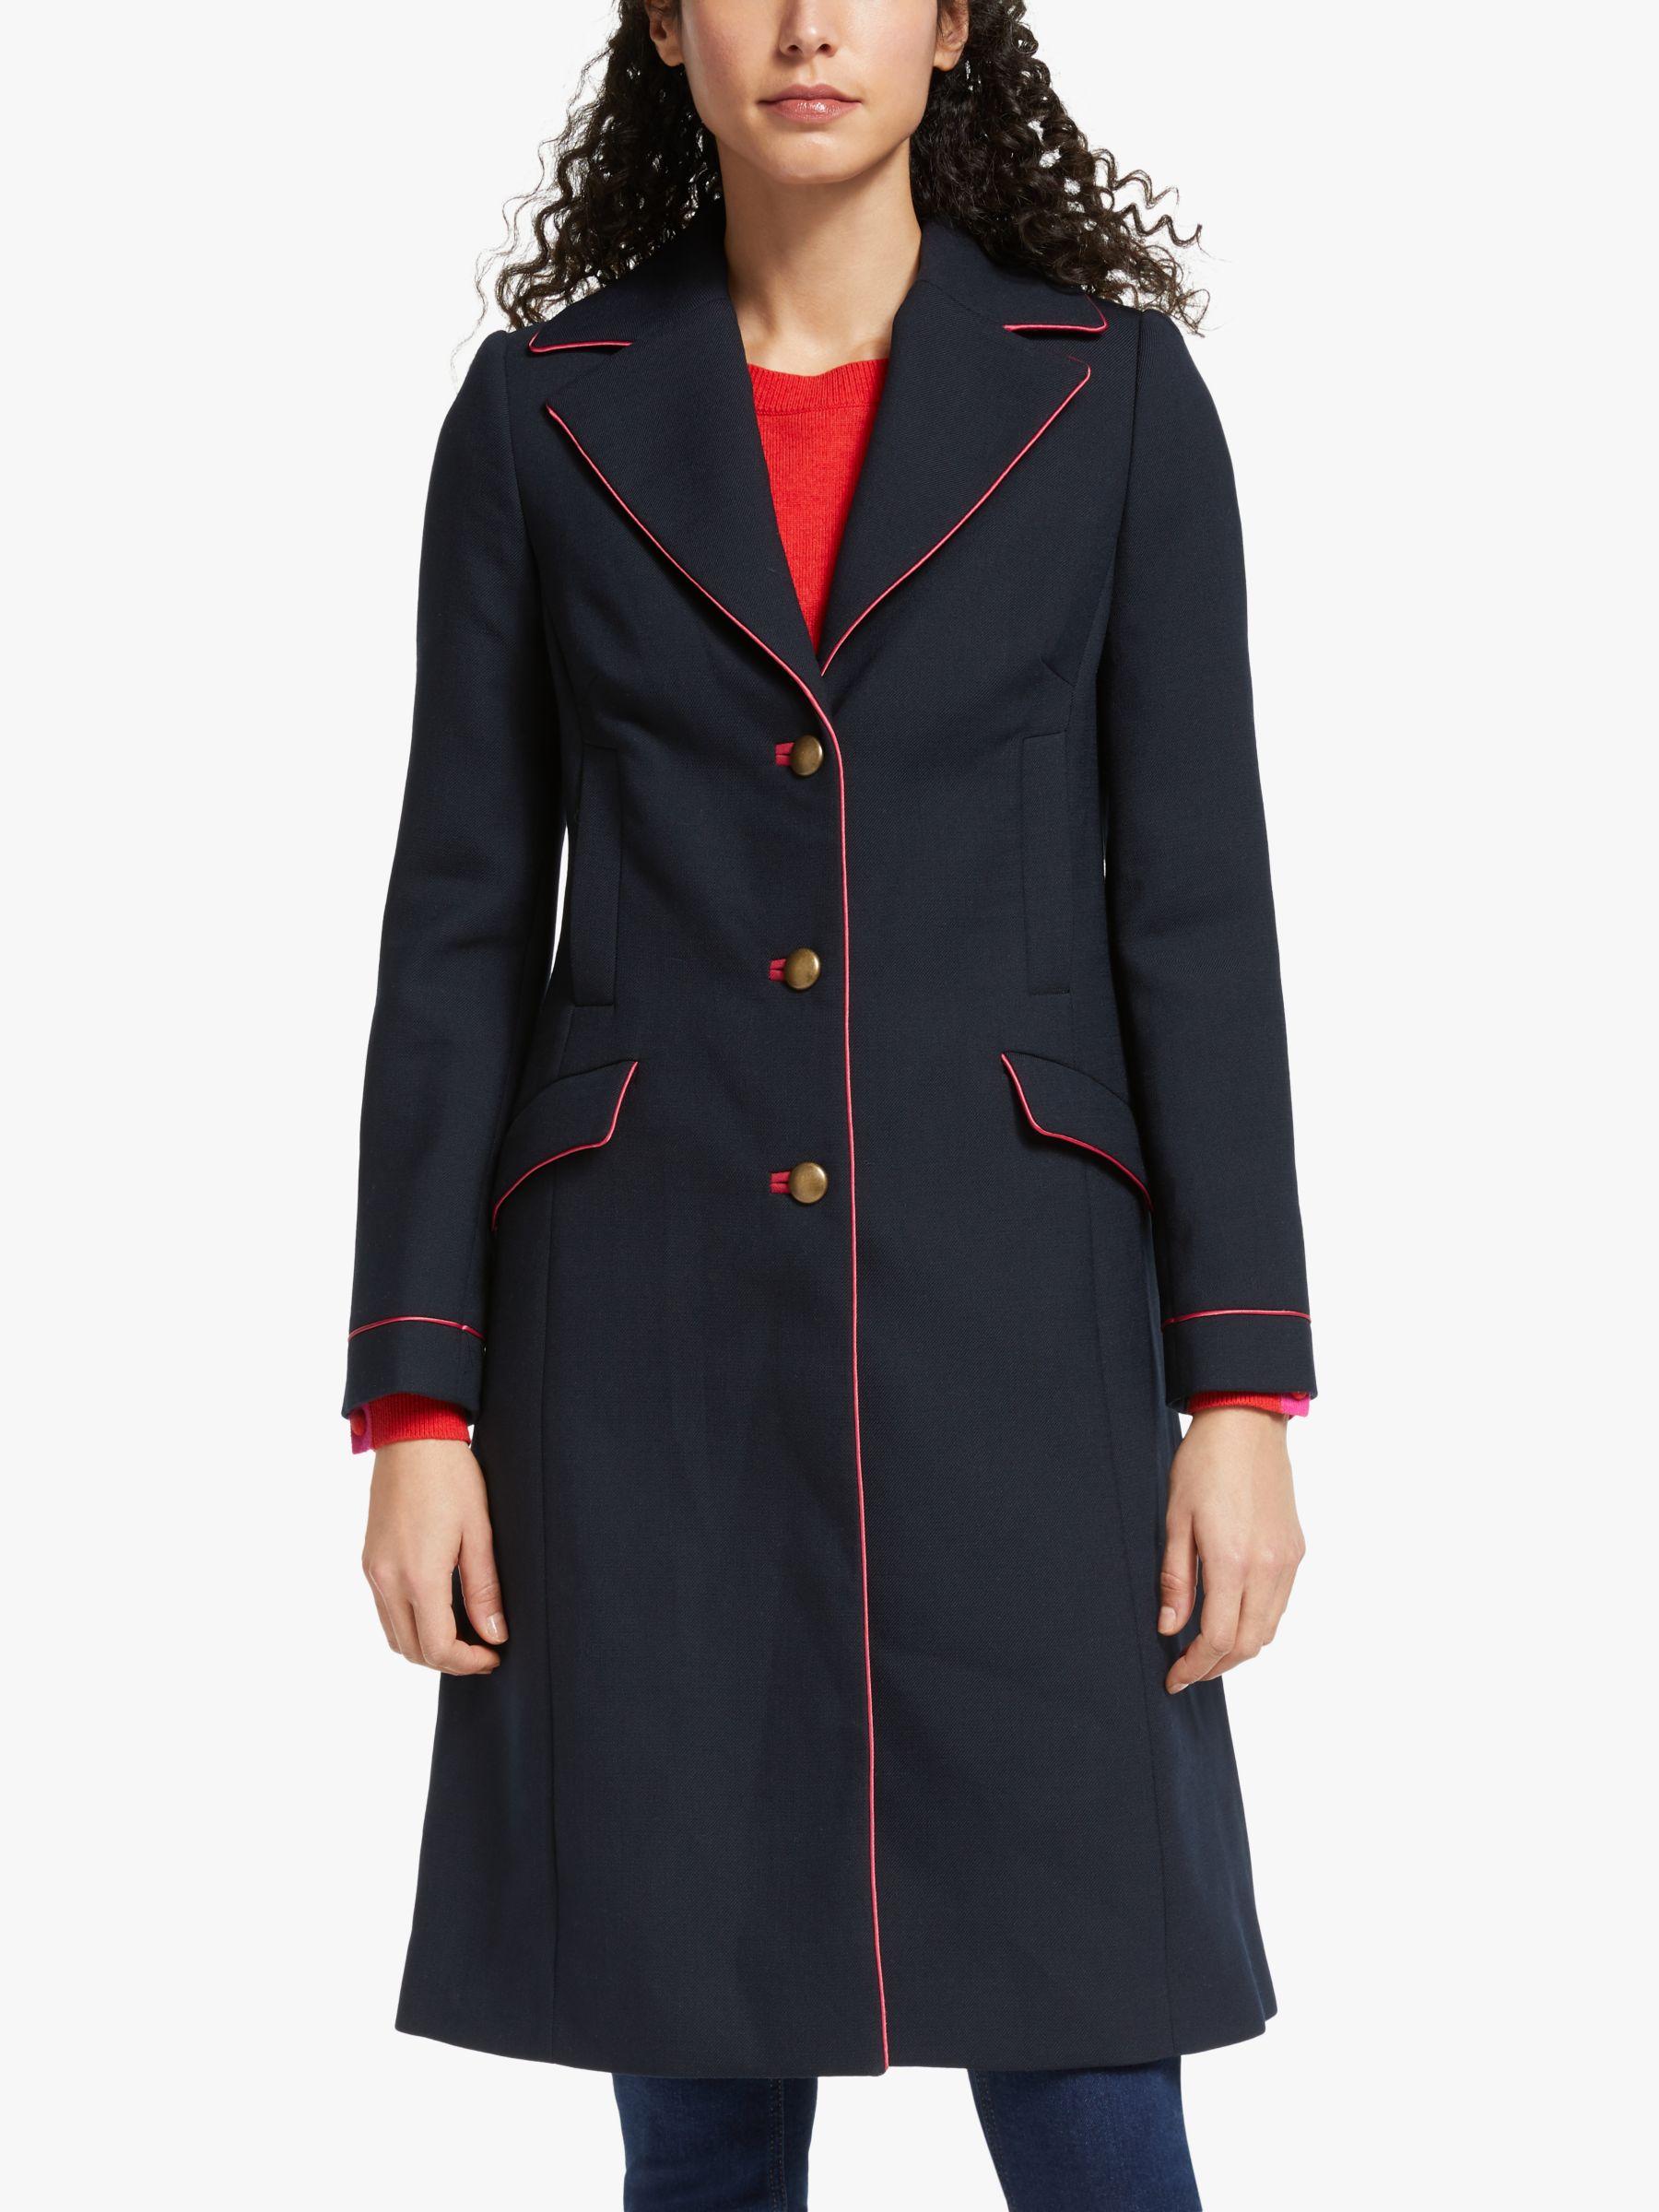 Boden Boden Dove Coat, Navy